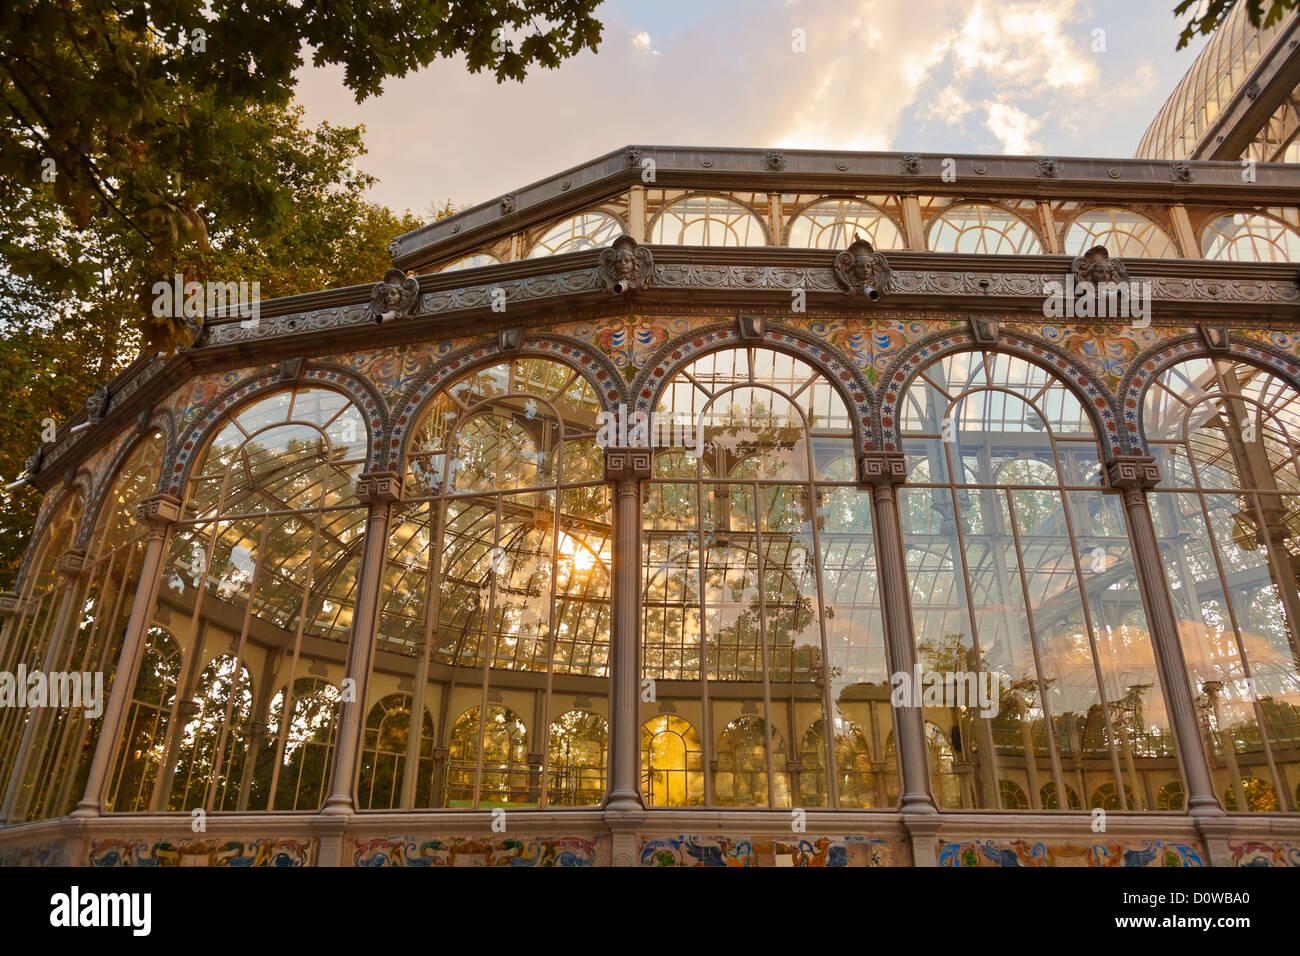 Il palazzo di cristallo a Madrid Spagna Immagini Stock